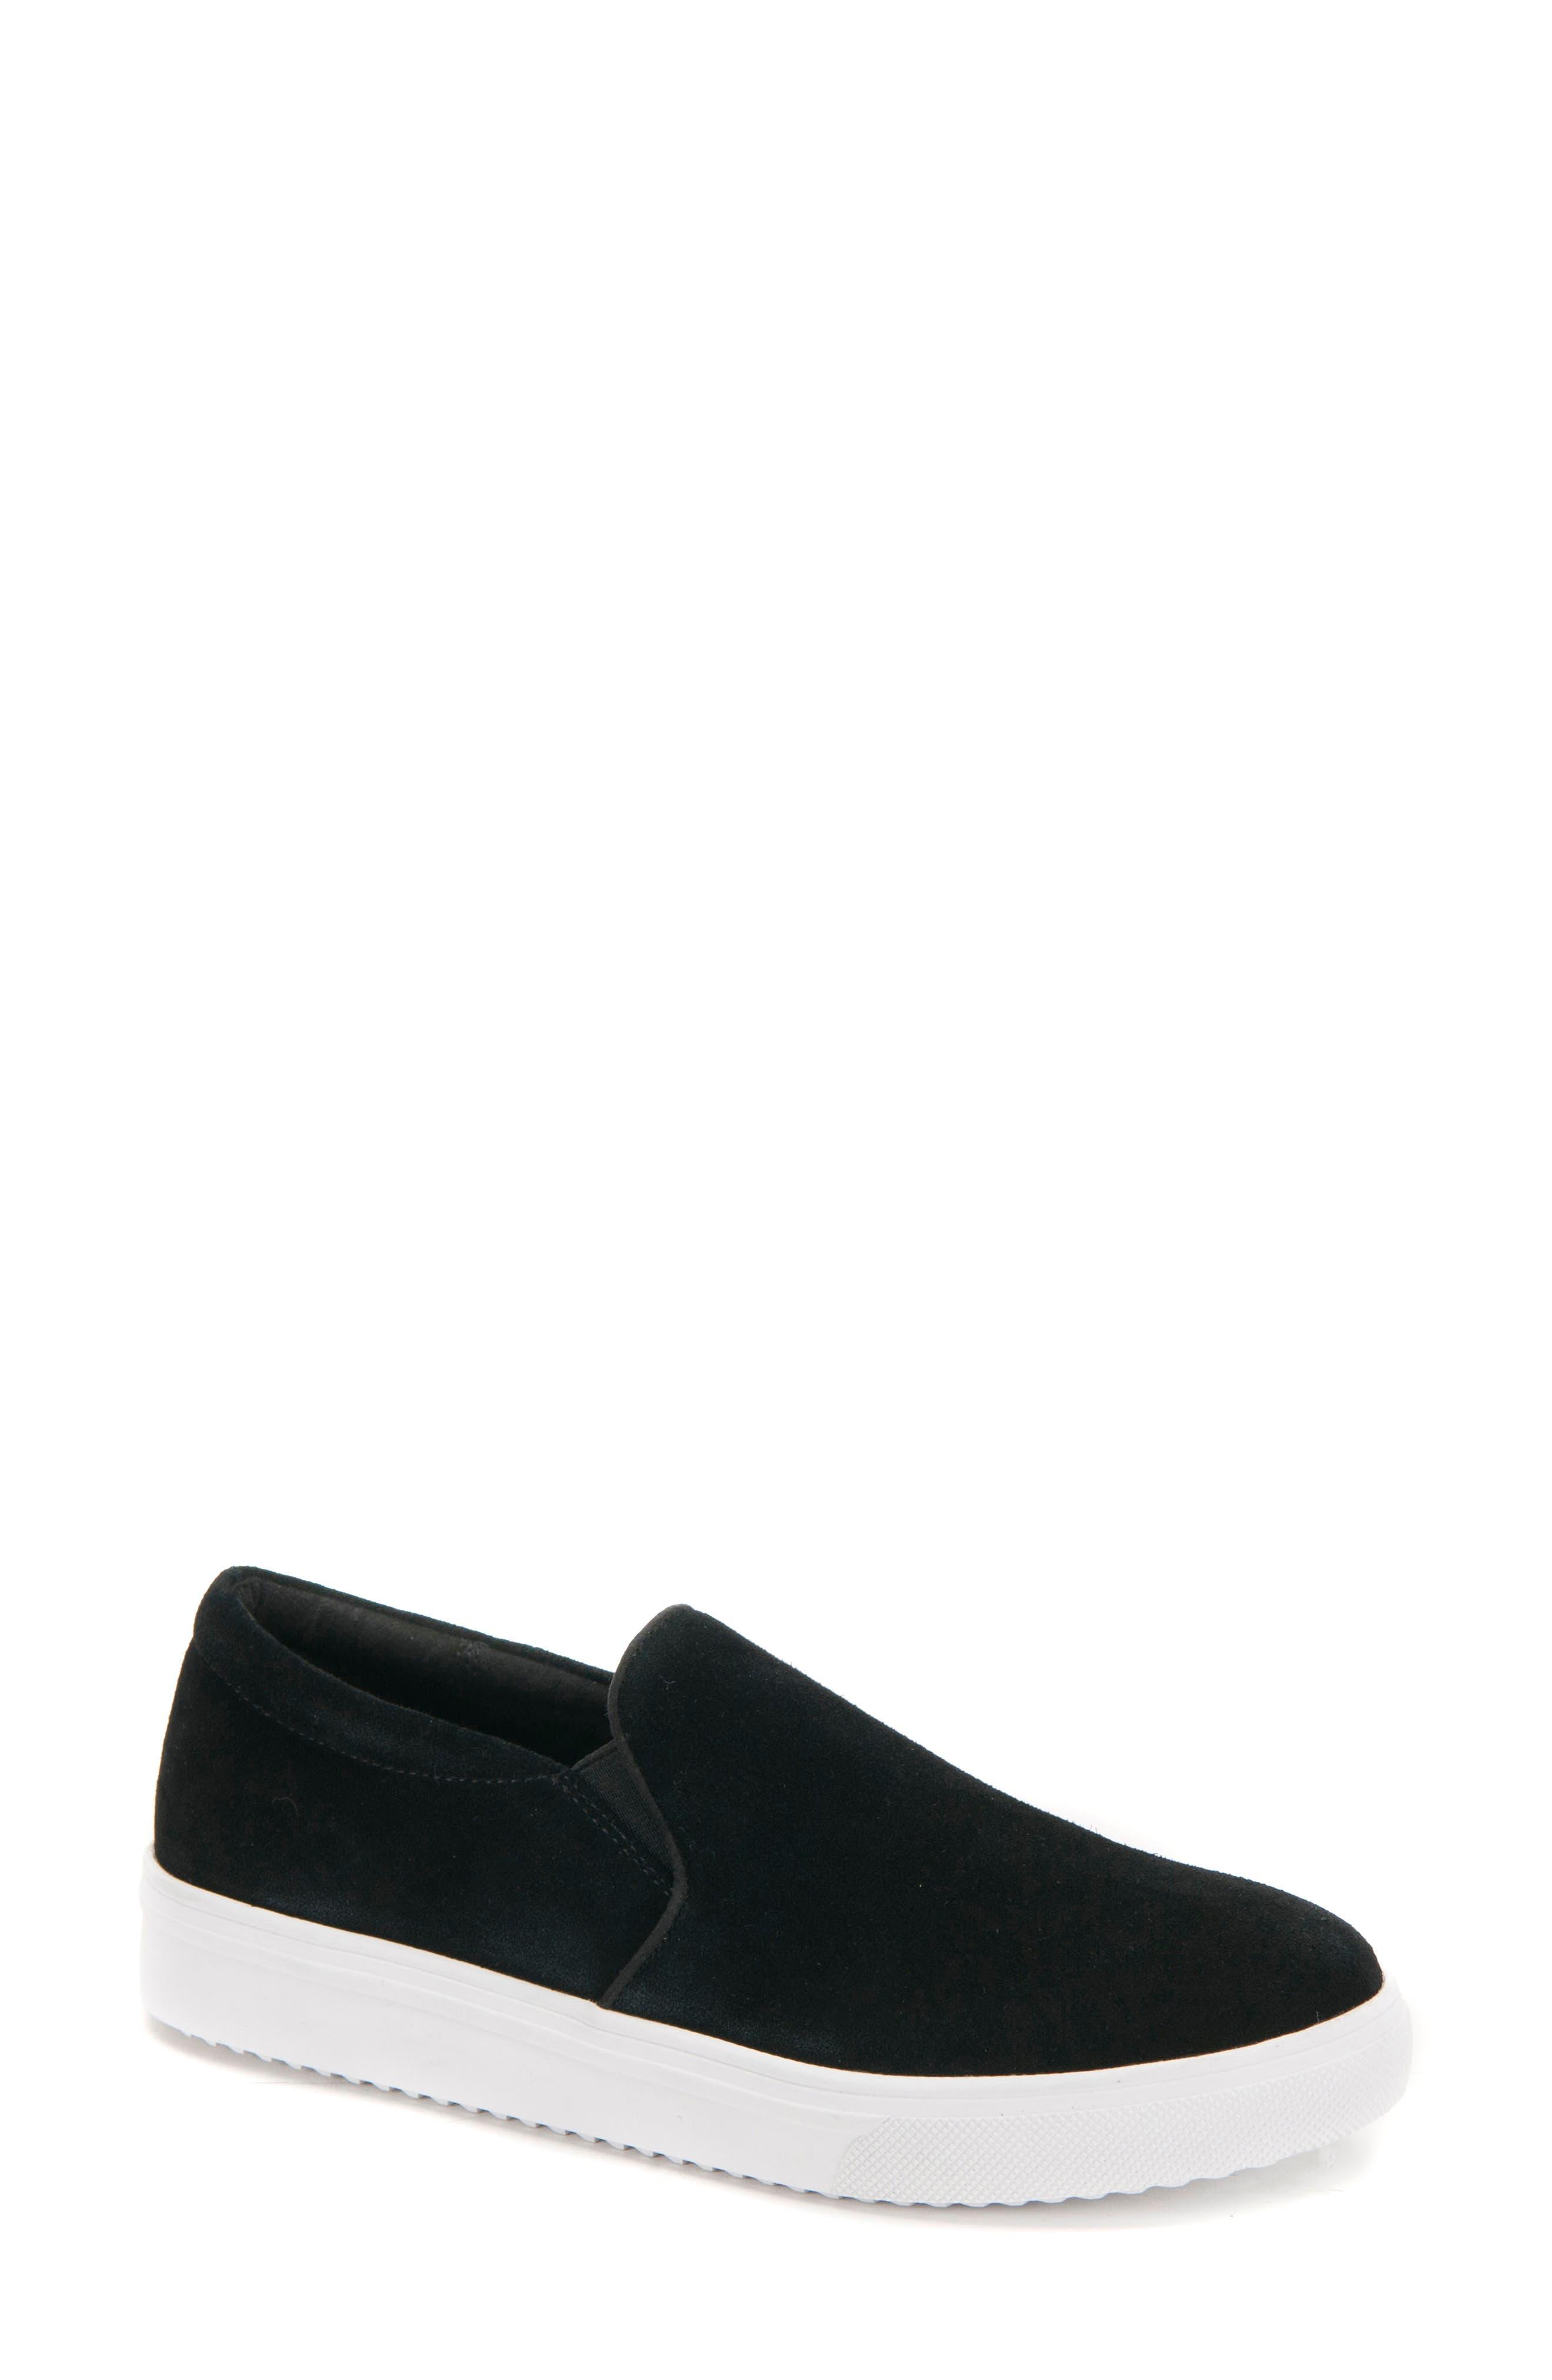 Women's Blondo Sneakers \u0026 Athletic